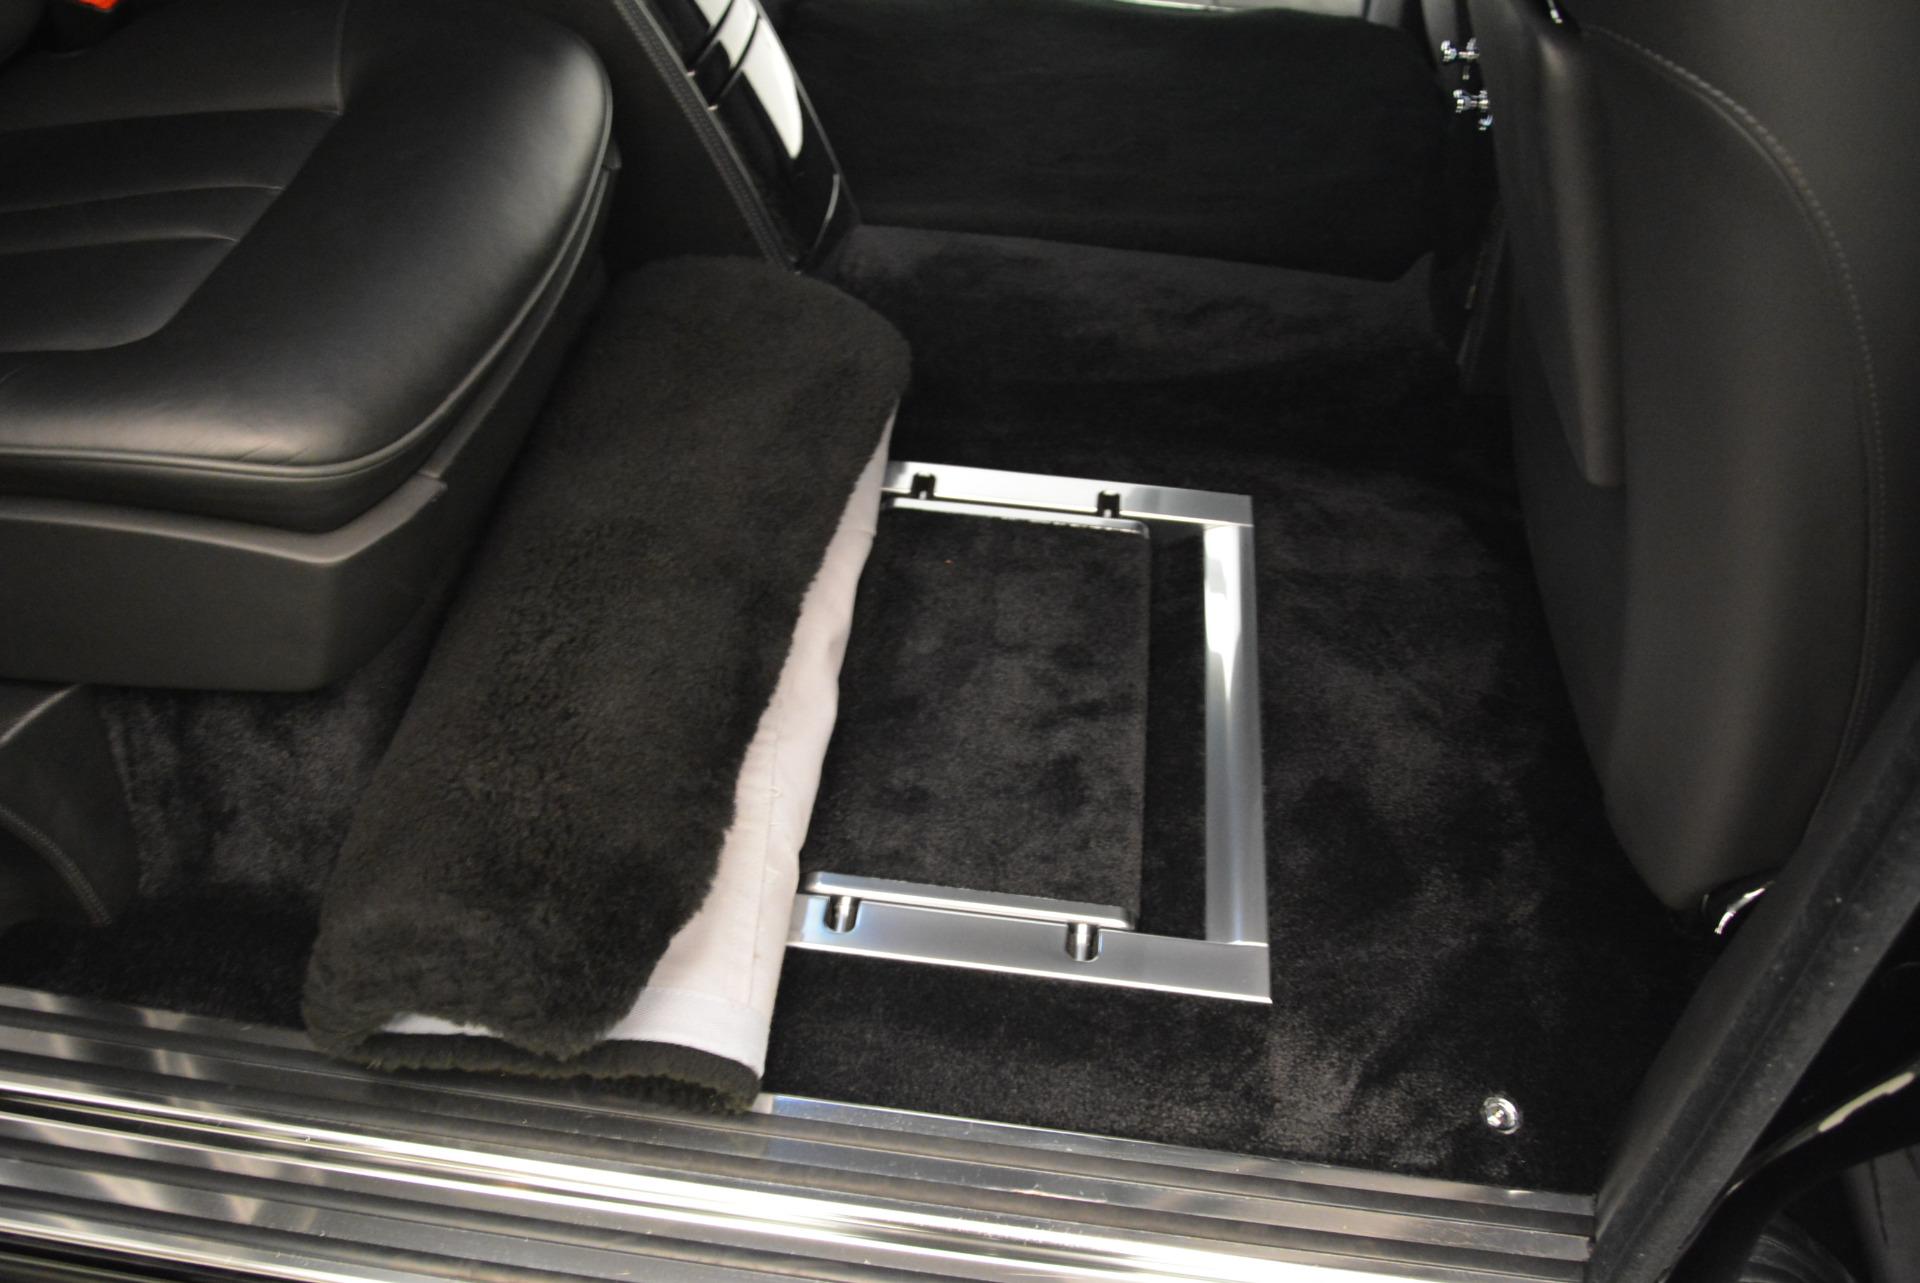 Used 2014 Rolls-Royce Phantom EWB For Sale In Greenwich, CT 2051_p18